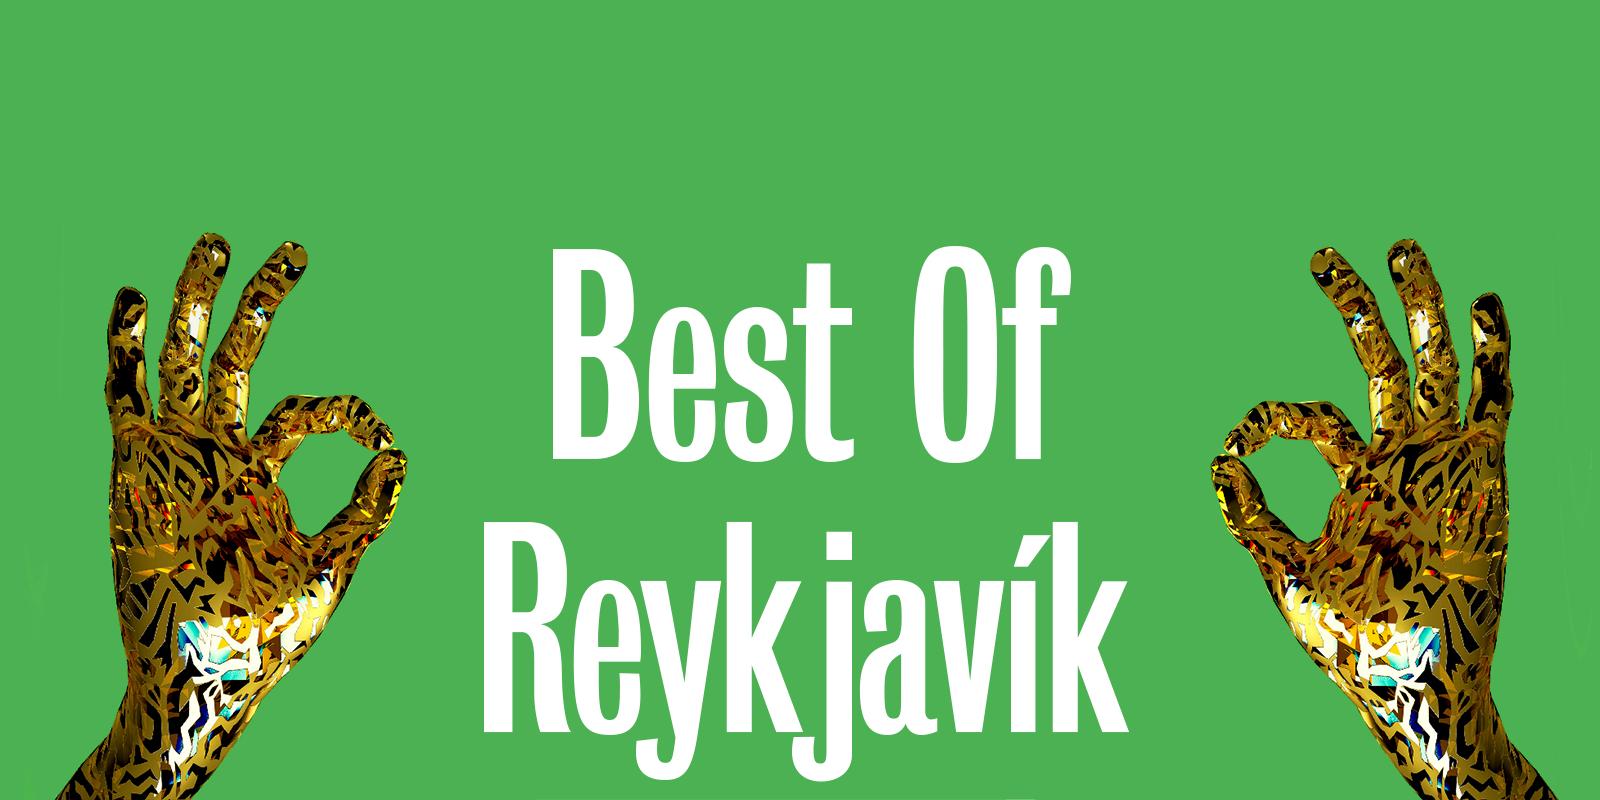 2015 Best Of Reykjavík - The Reykjavik Grapevine